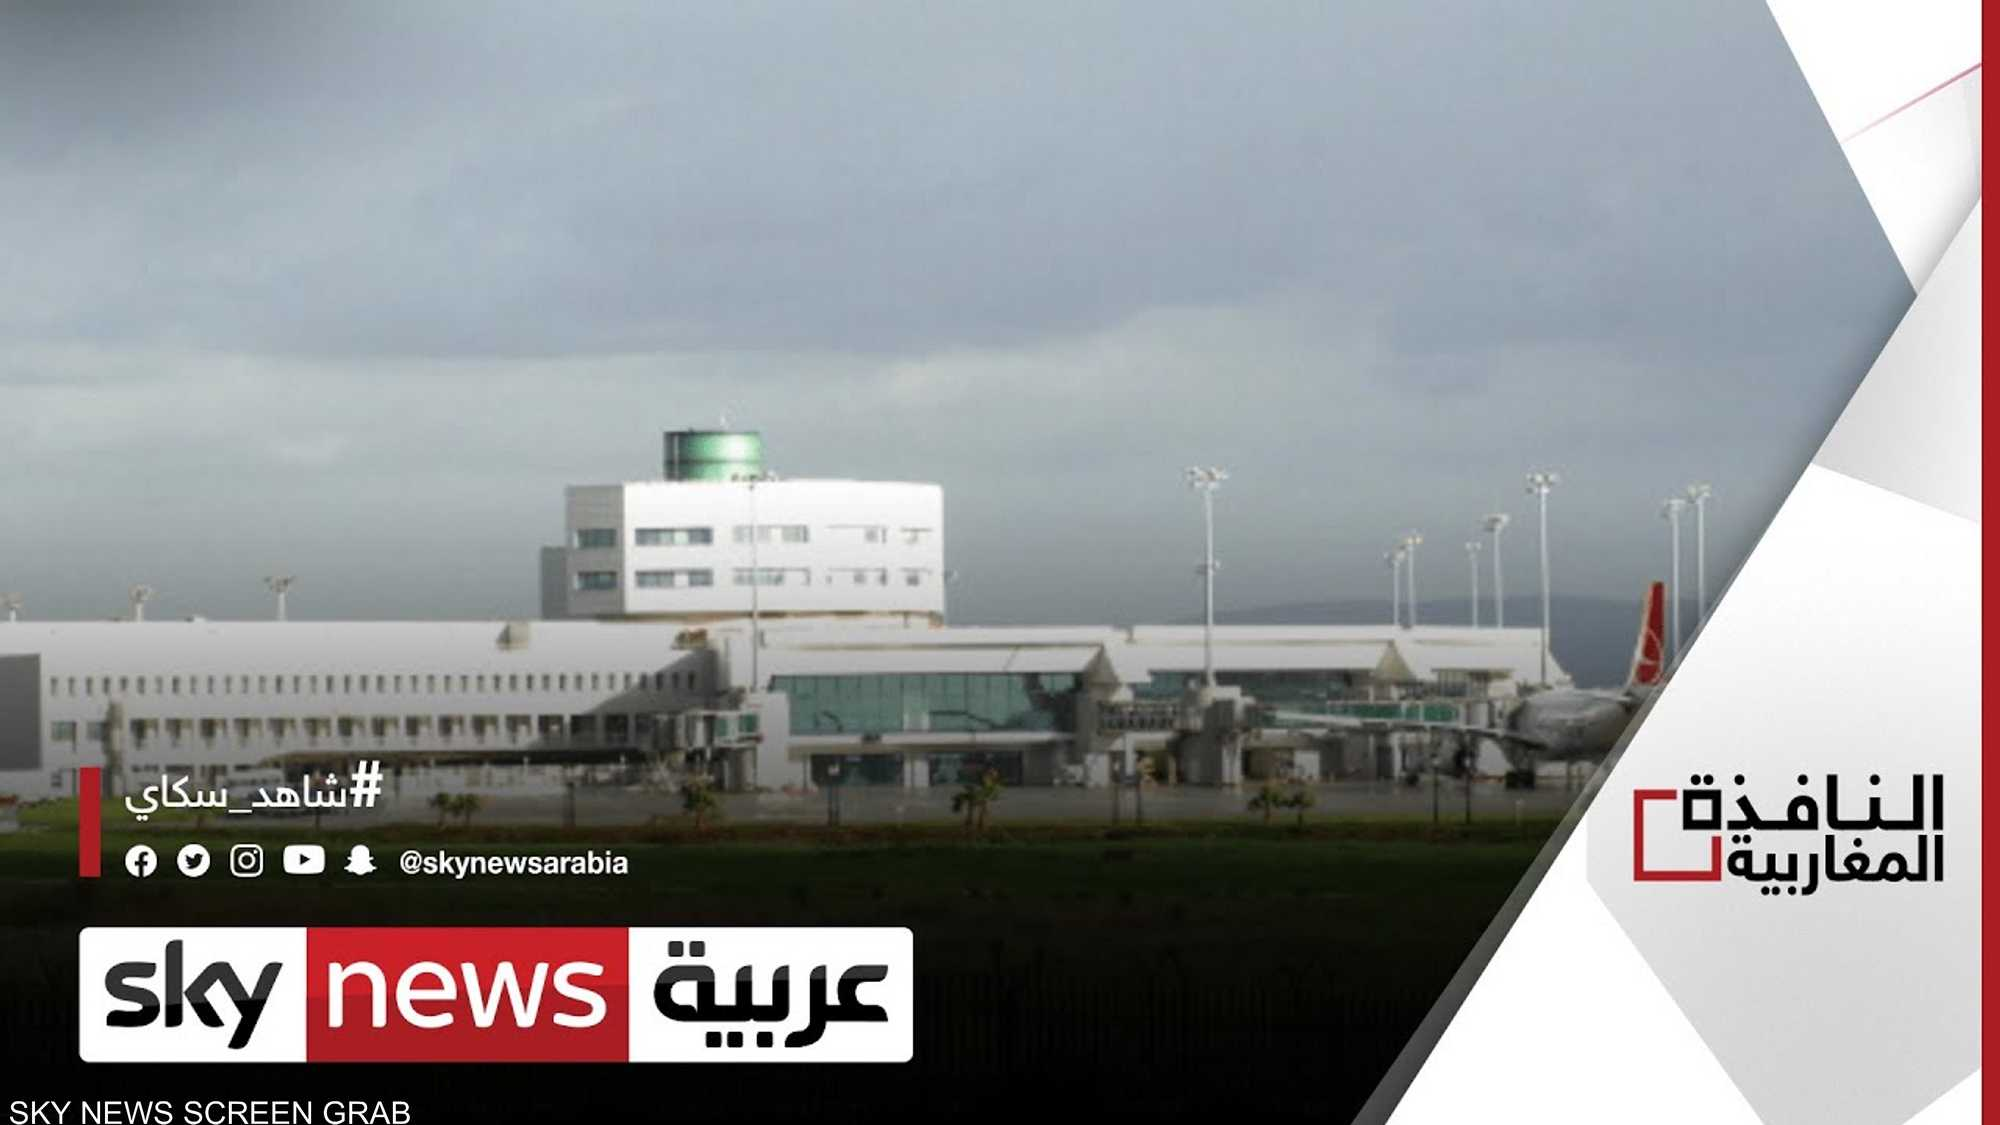 الجزائر تستأنف الرحلات الجوية الى تسع دول